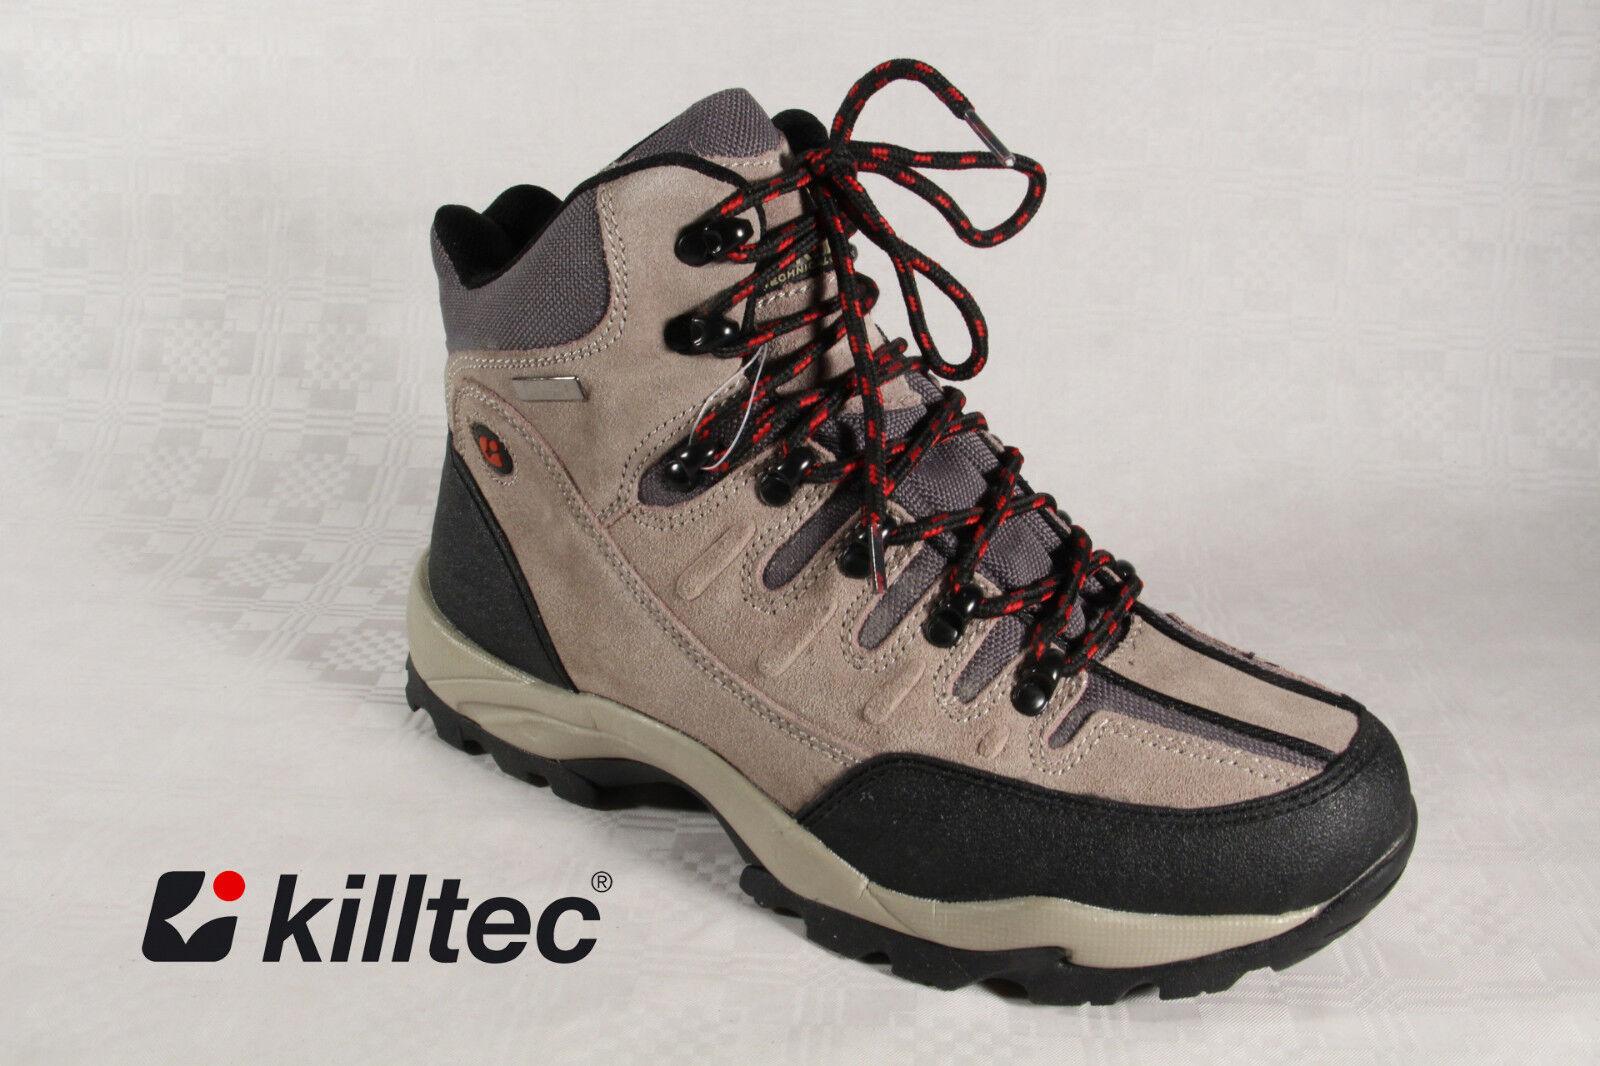 Killtec Ladies Hiking shoes Hiking Boots TEX BEIGE   Brown NEW